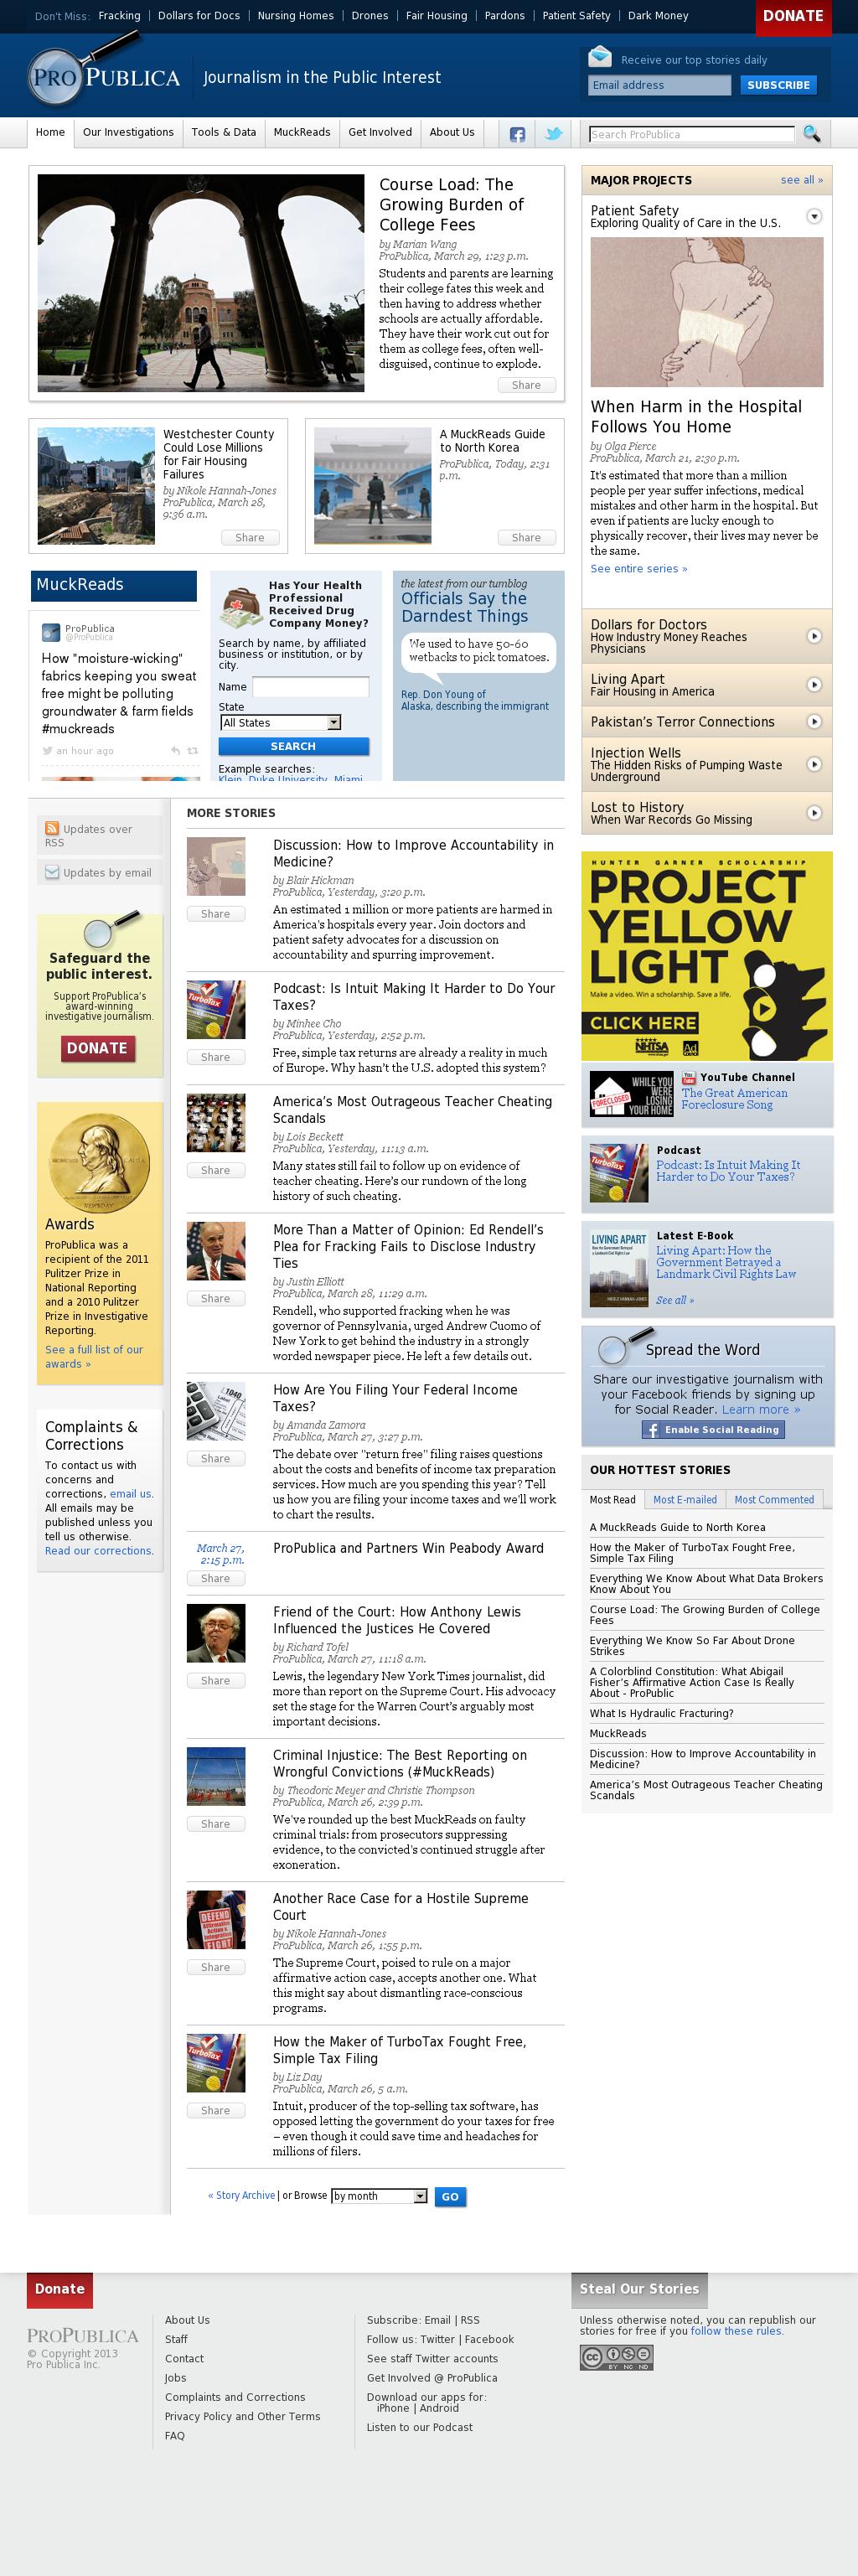 ProPublica at Wednesday April 3, 2013, 2:18 a.m. UTC